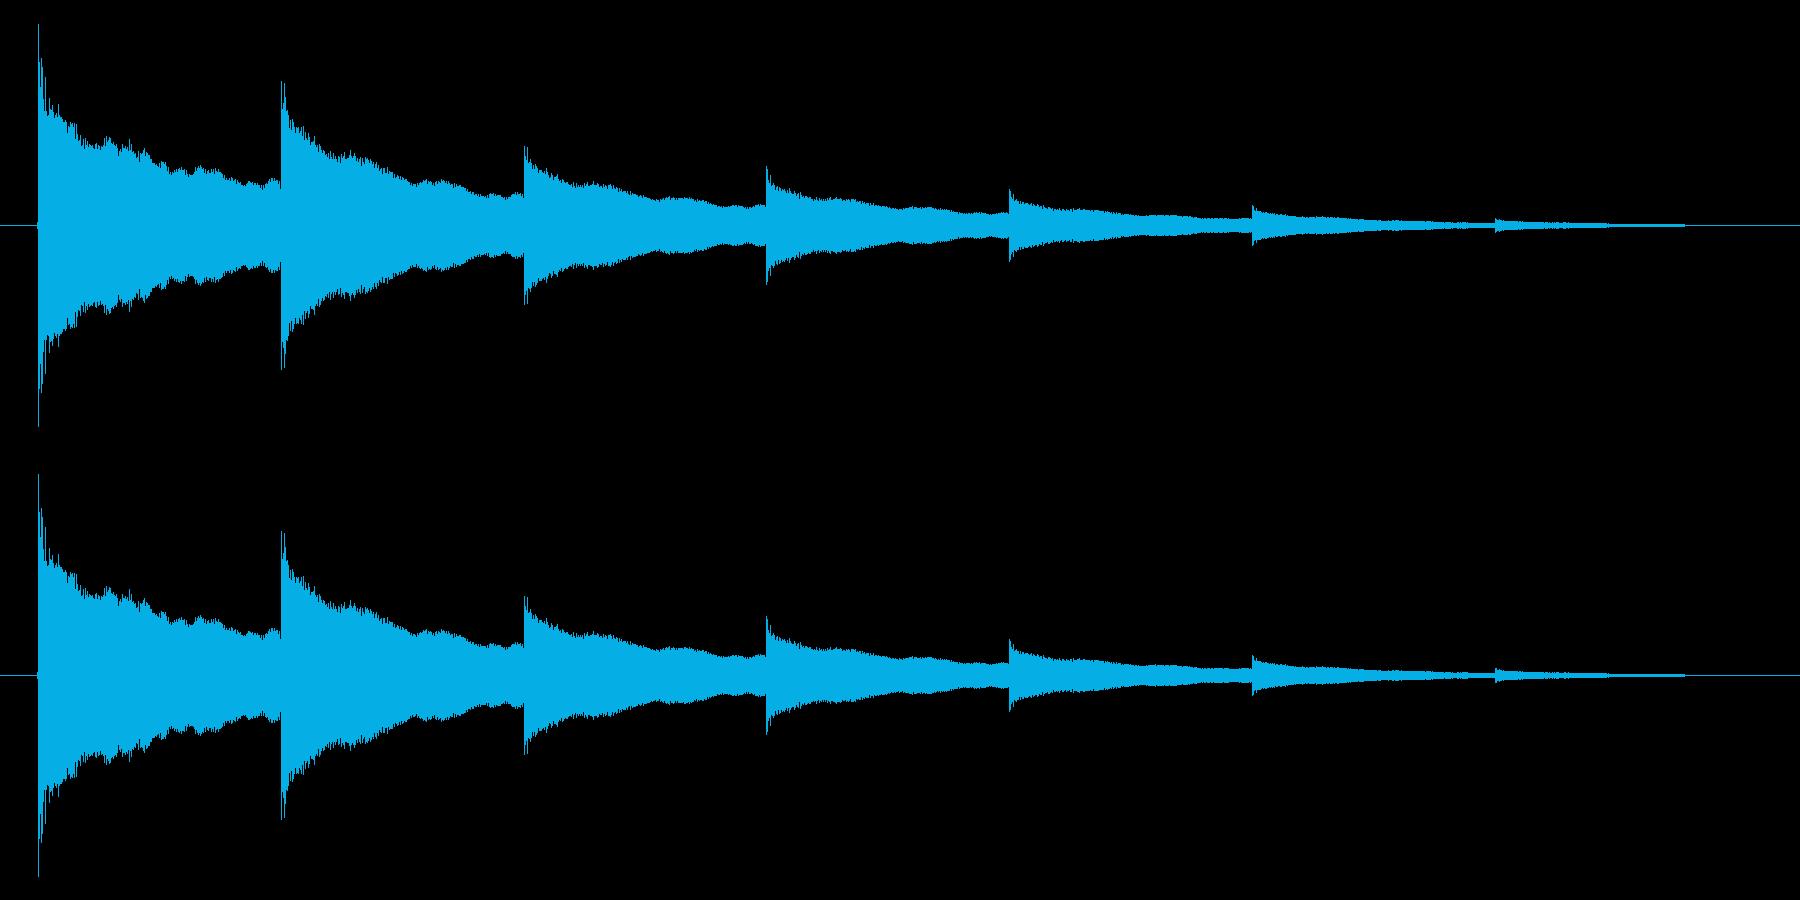 チーン05-2の再生済みの波形